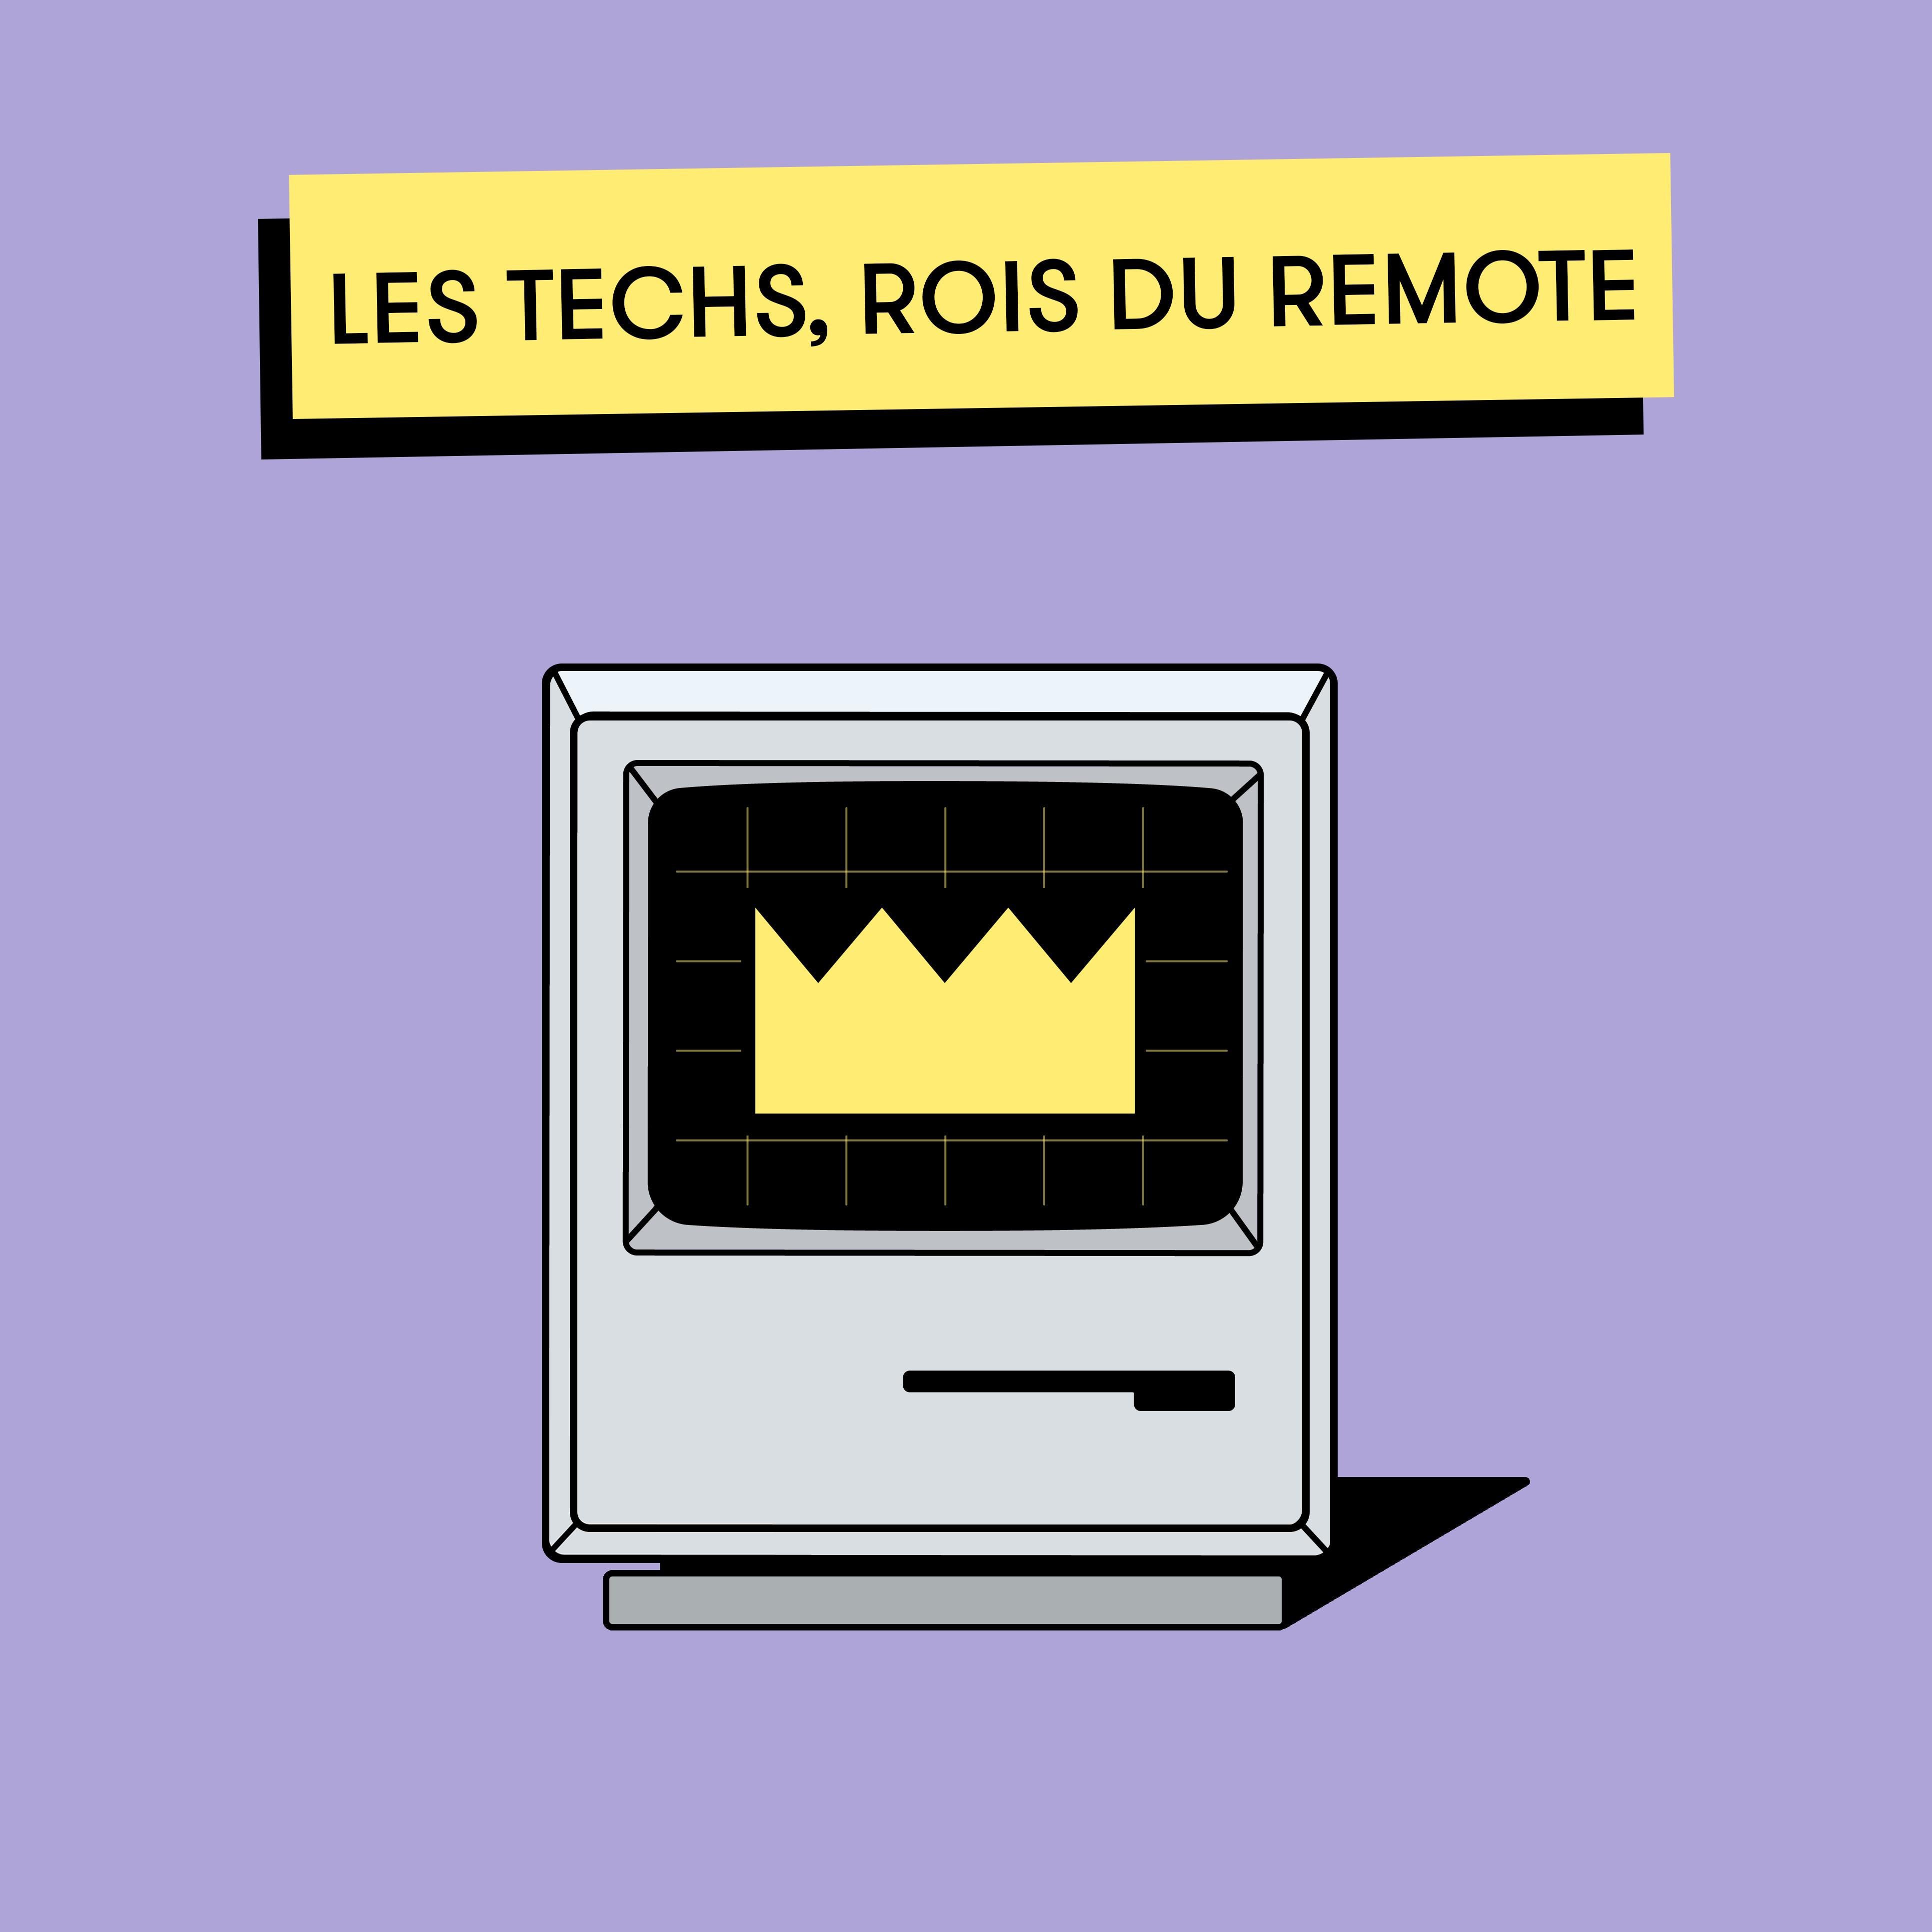 Télétravail et crise : les techs tirent mieux leur épingle du jeu !